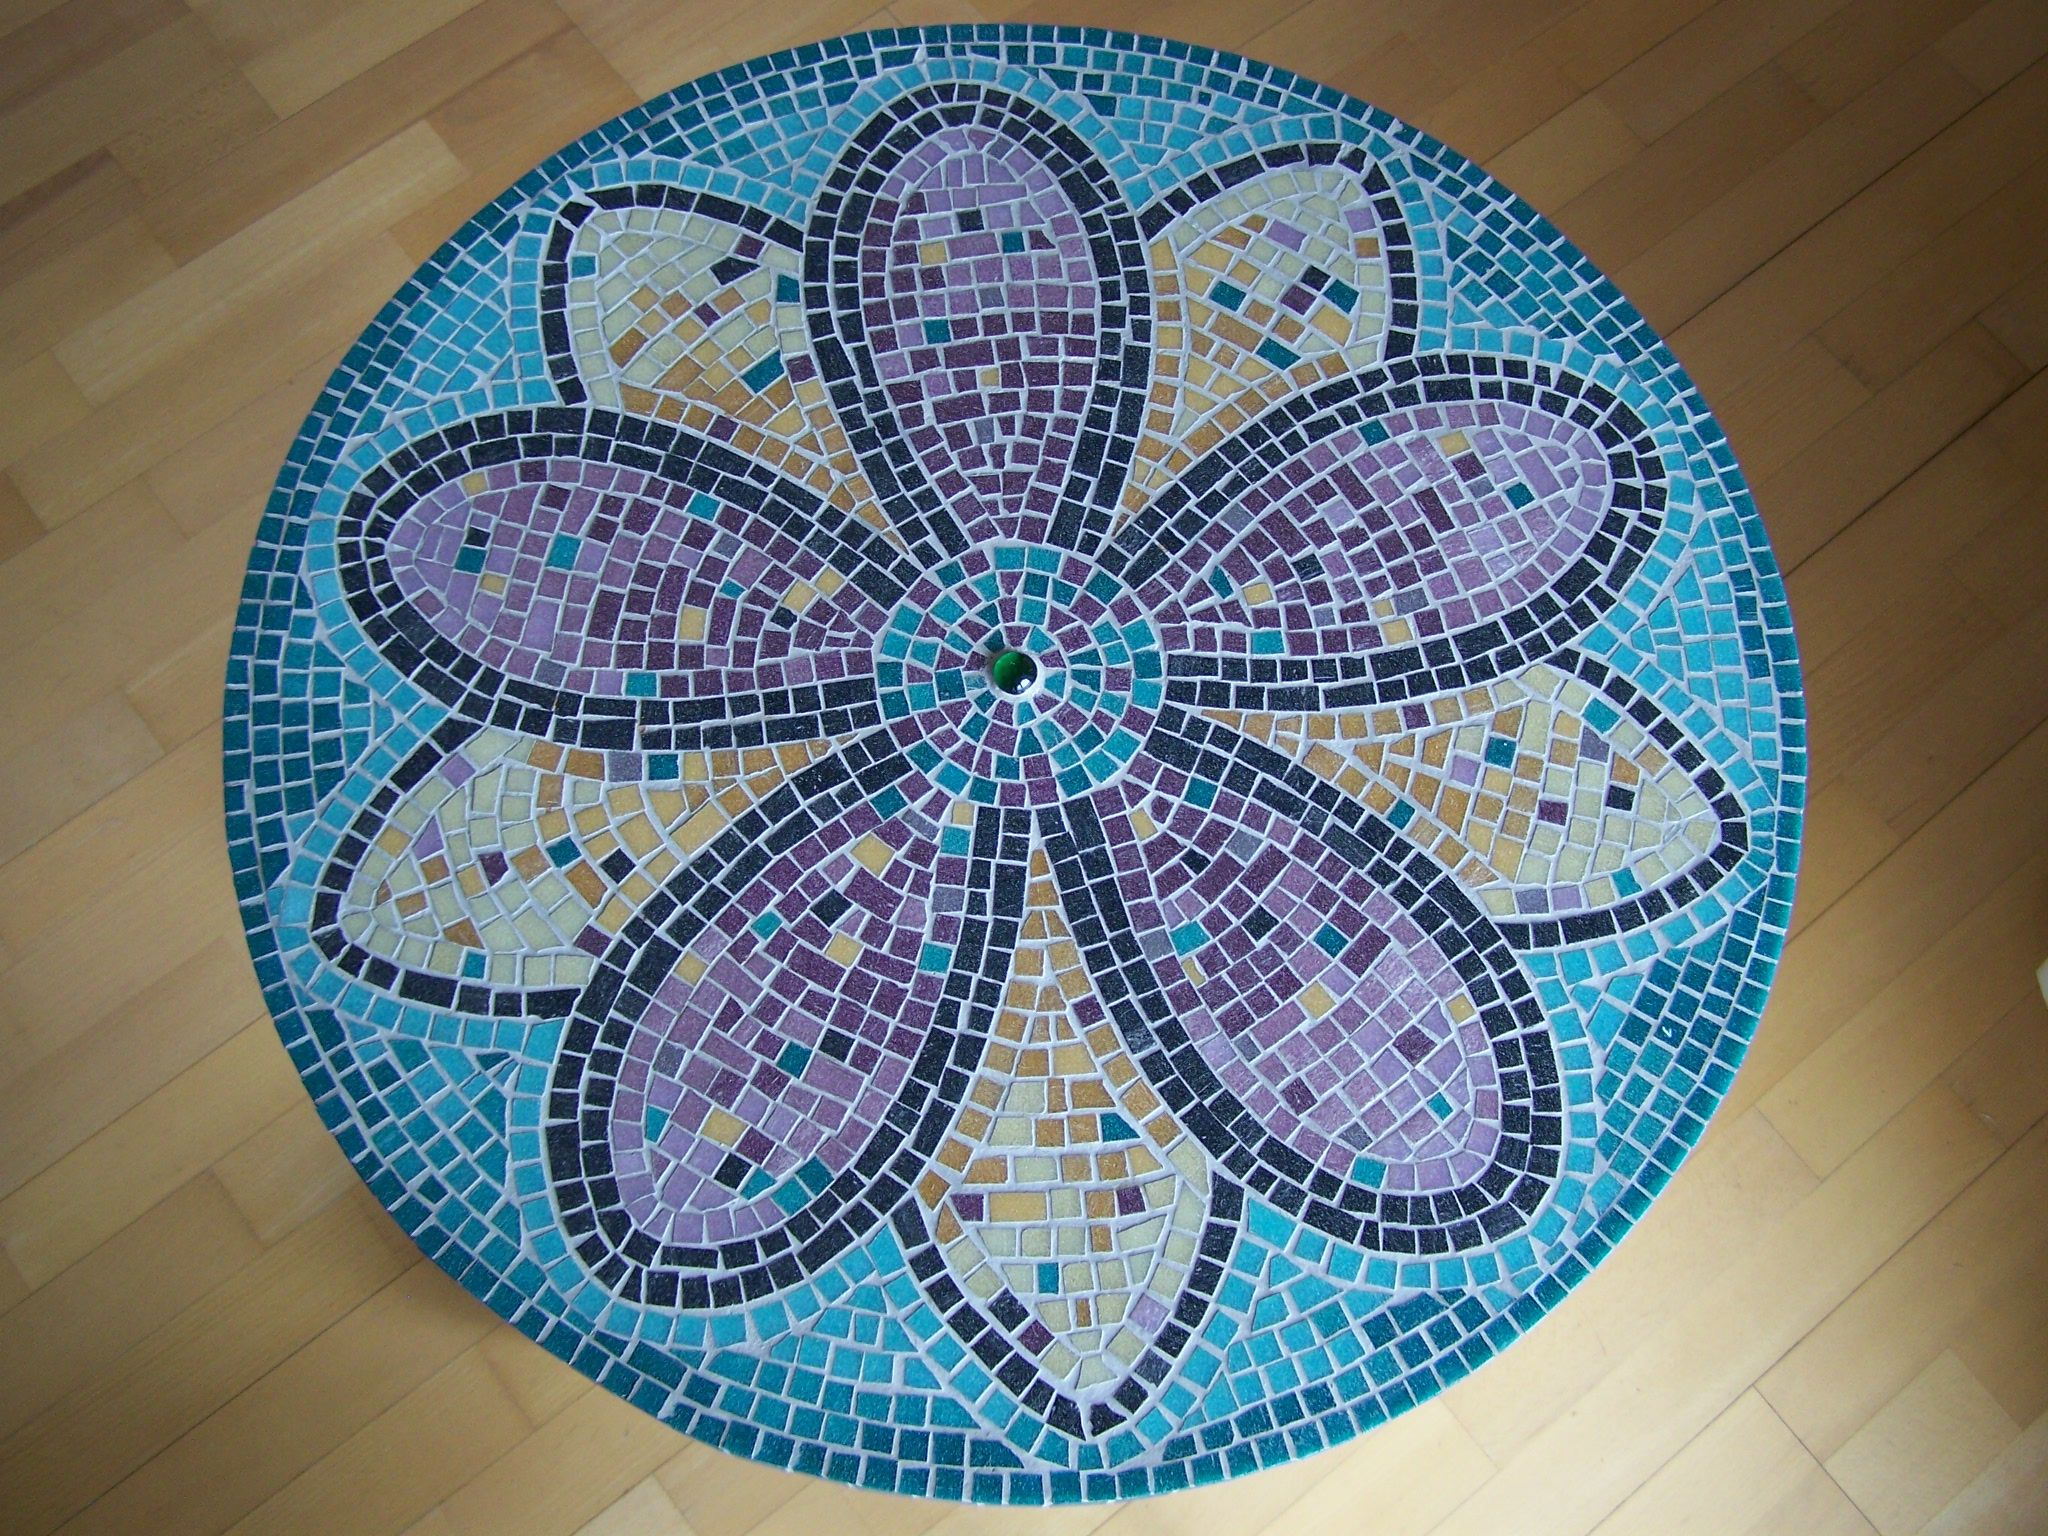 mosaik tisch wohnen pinterest mosaik tisch und wohnen. Black Bedroom Furniture Sets. Home Design Ideas